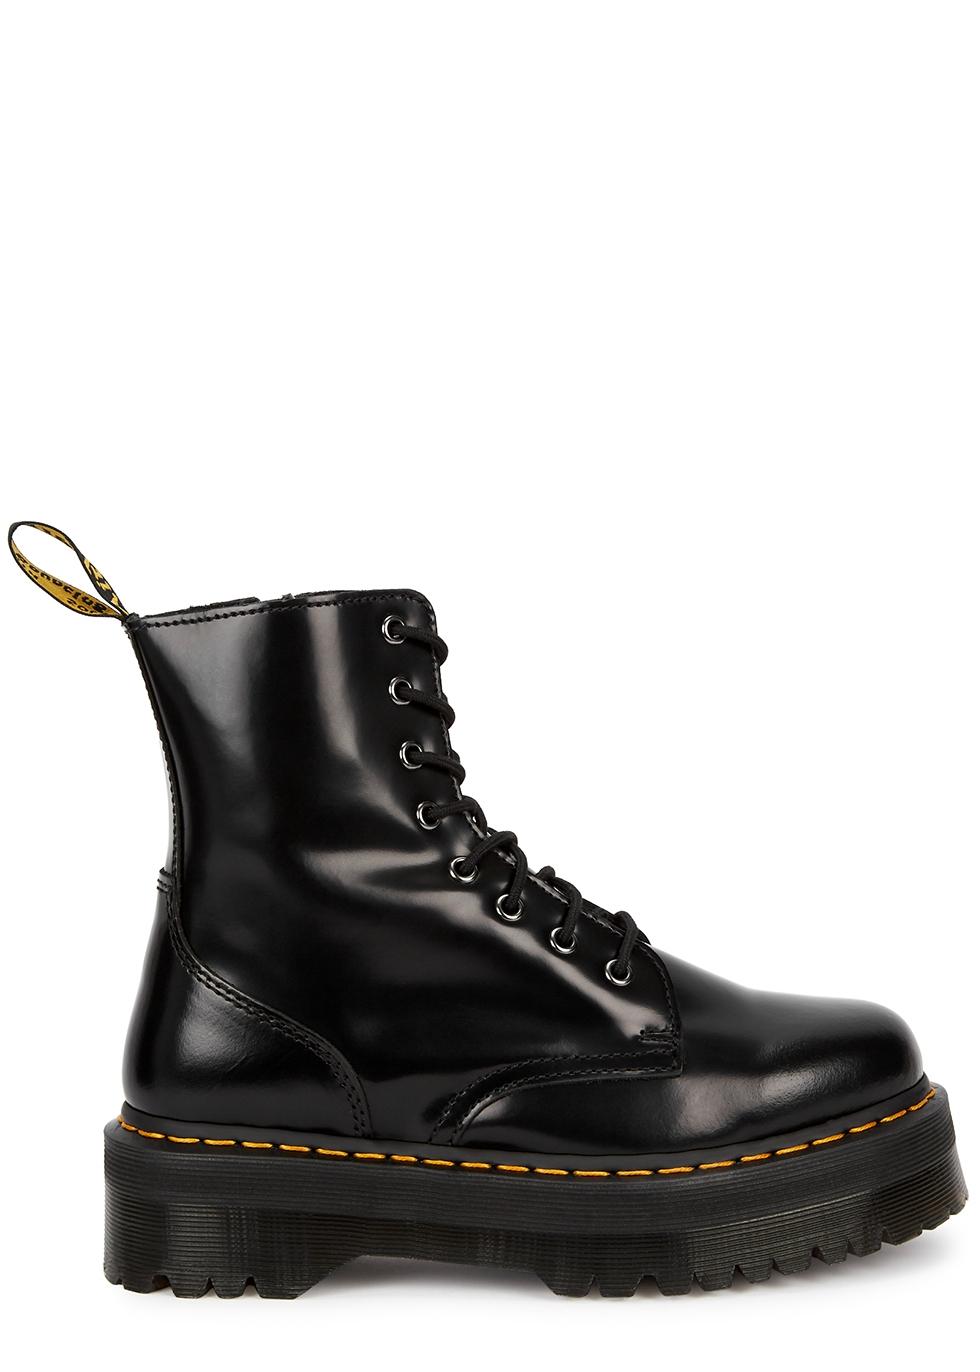 Jadon black leather flatform ankle boots